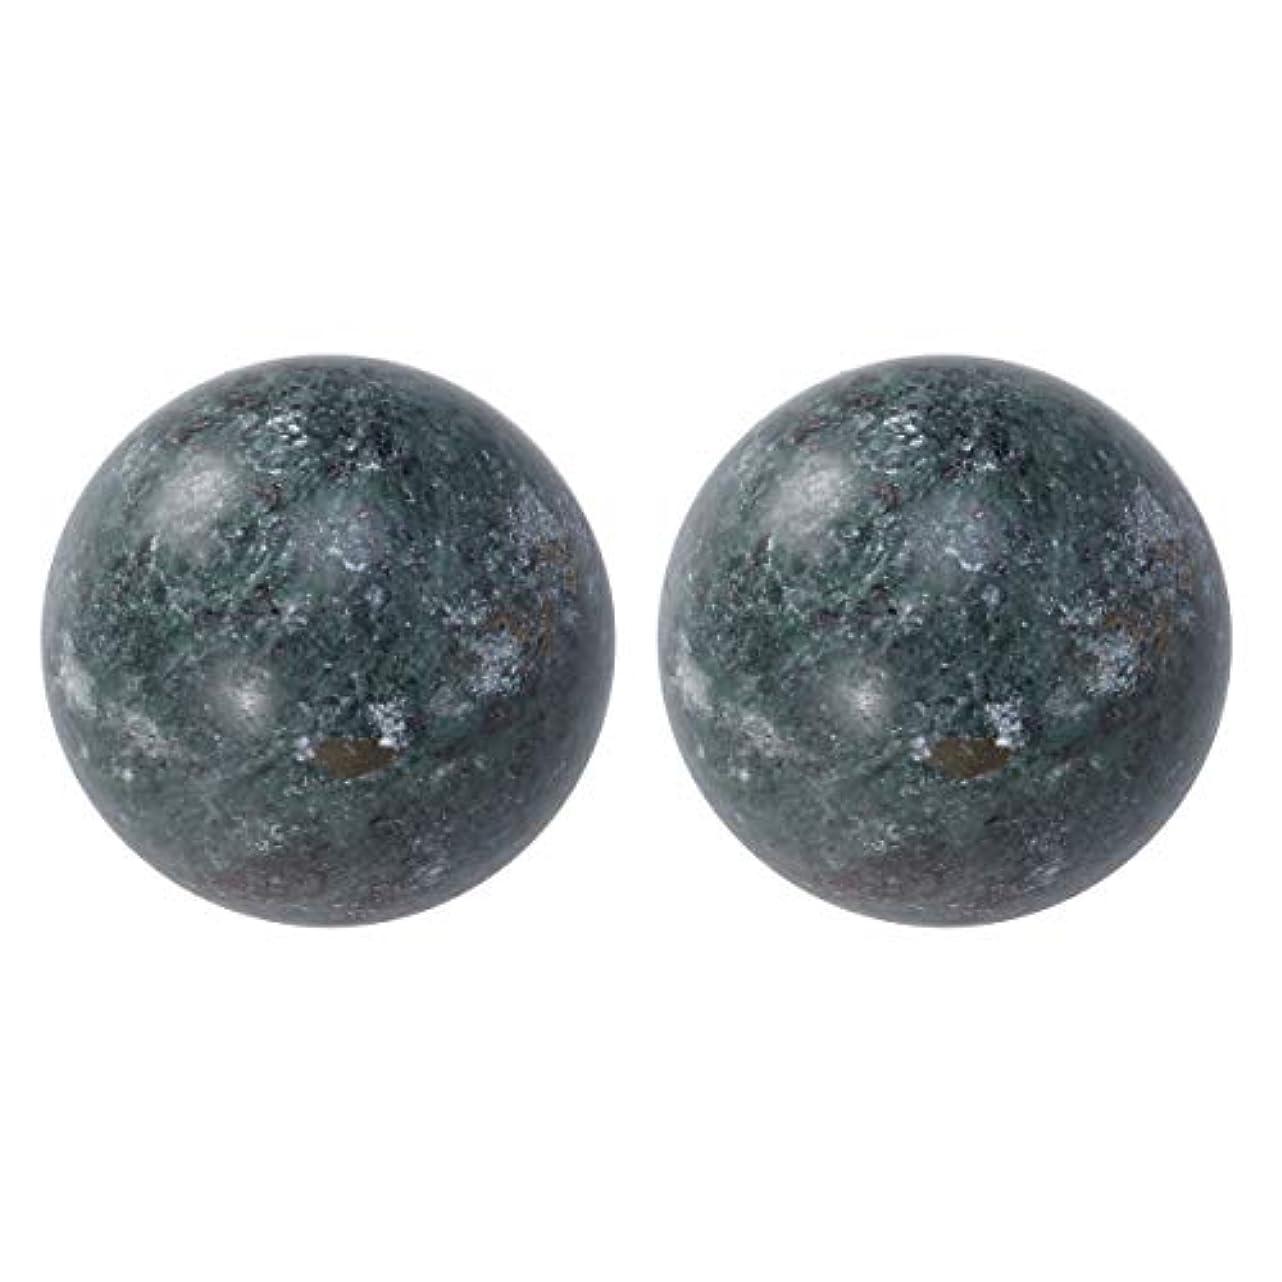 染色侵入反抗HEALIFTY 2個の自然の翡翠手球ダークグレー中国の健康運動ボーイングボール老人のためのストレスリリーフ(黒)